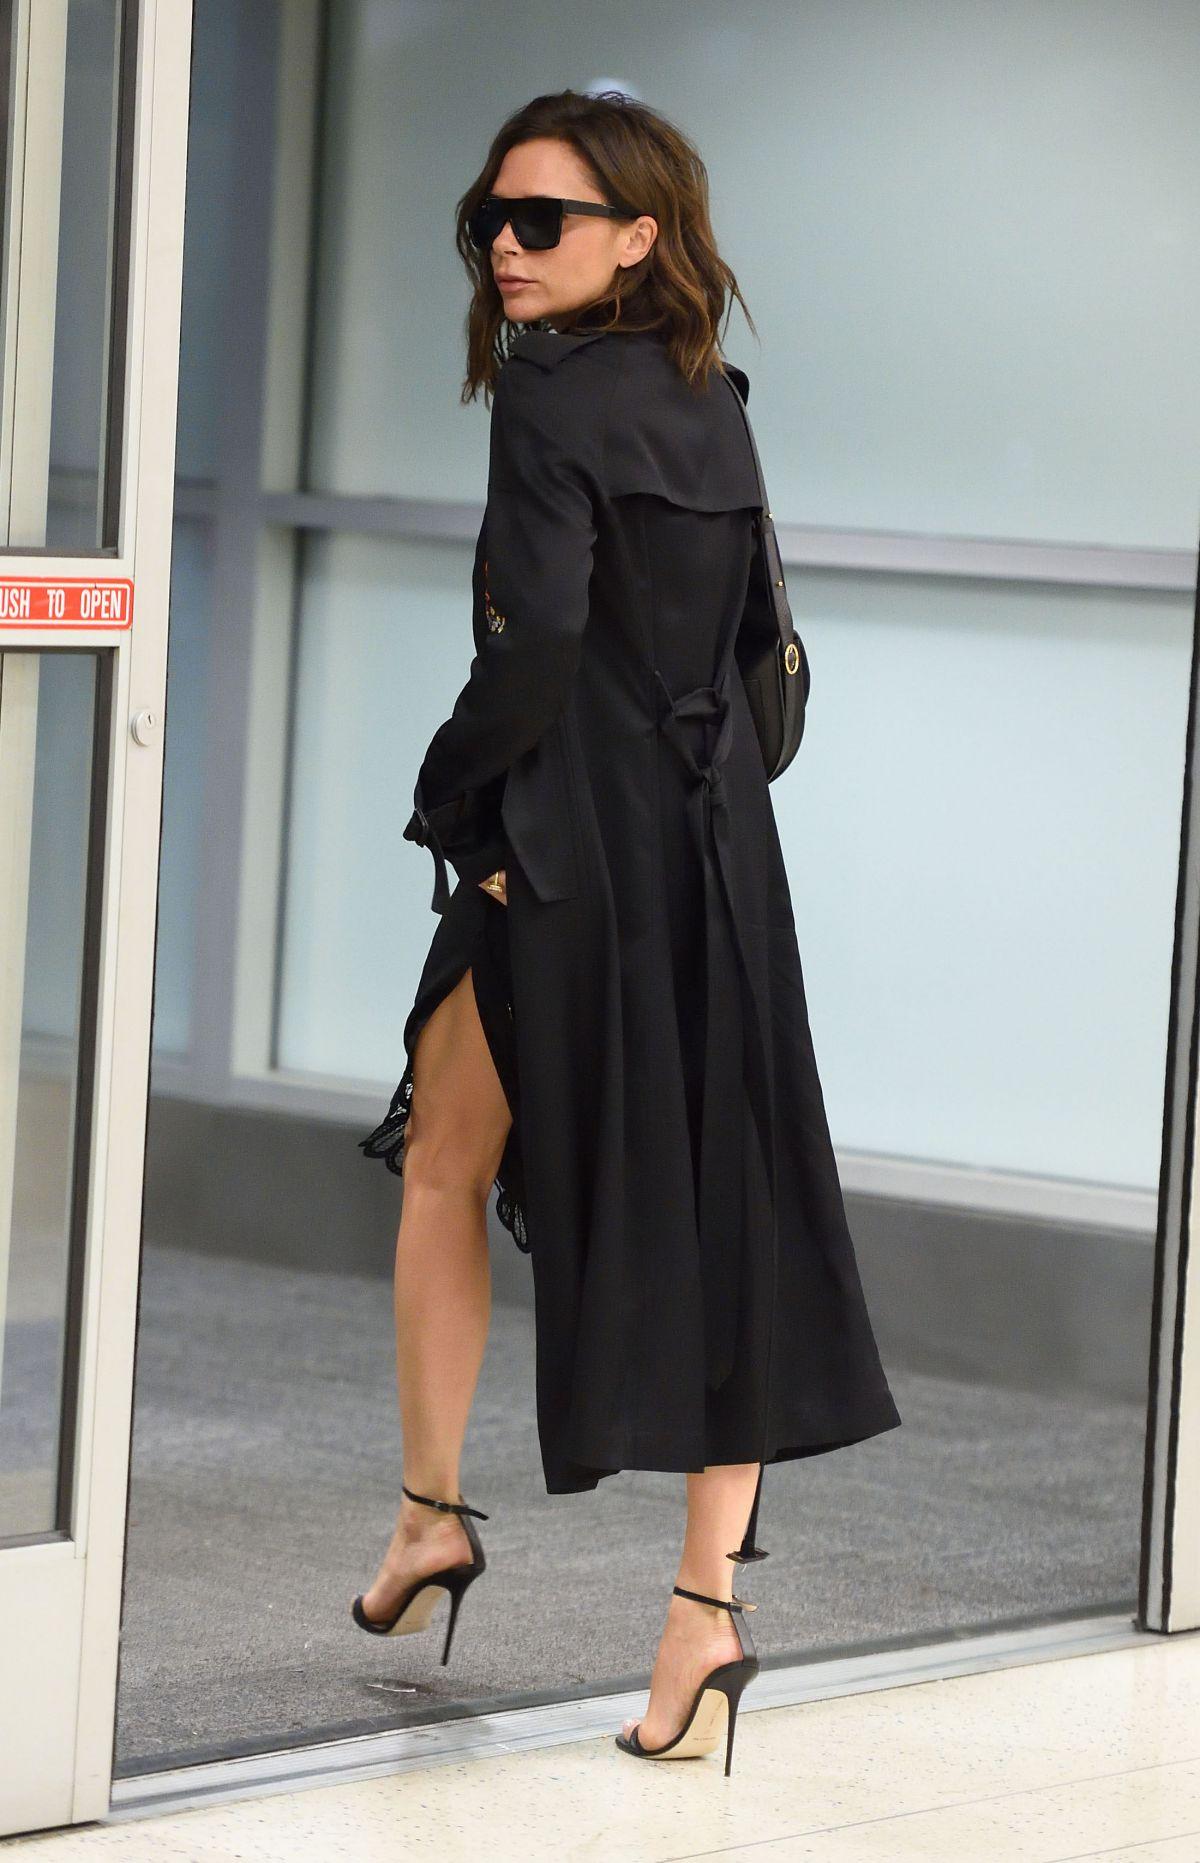 VICTORIA BECKHAM at JFK Airport in New York 08/04/2016 ... Victoria Beckham